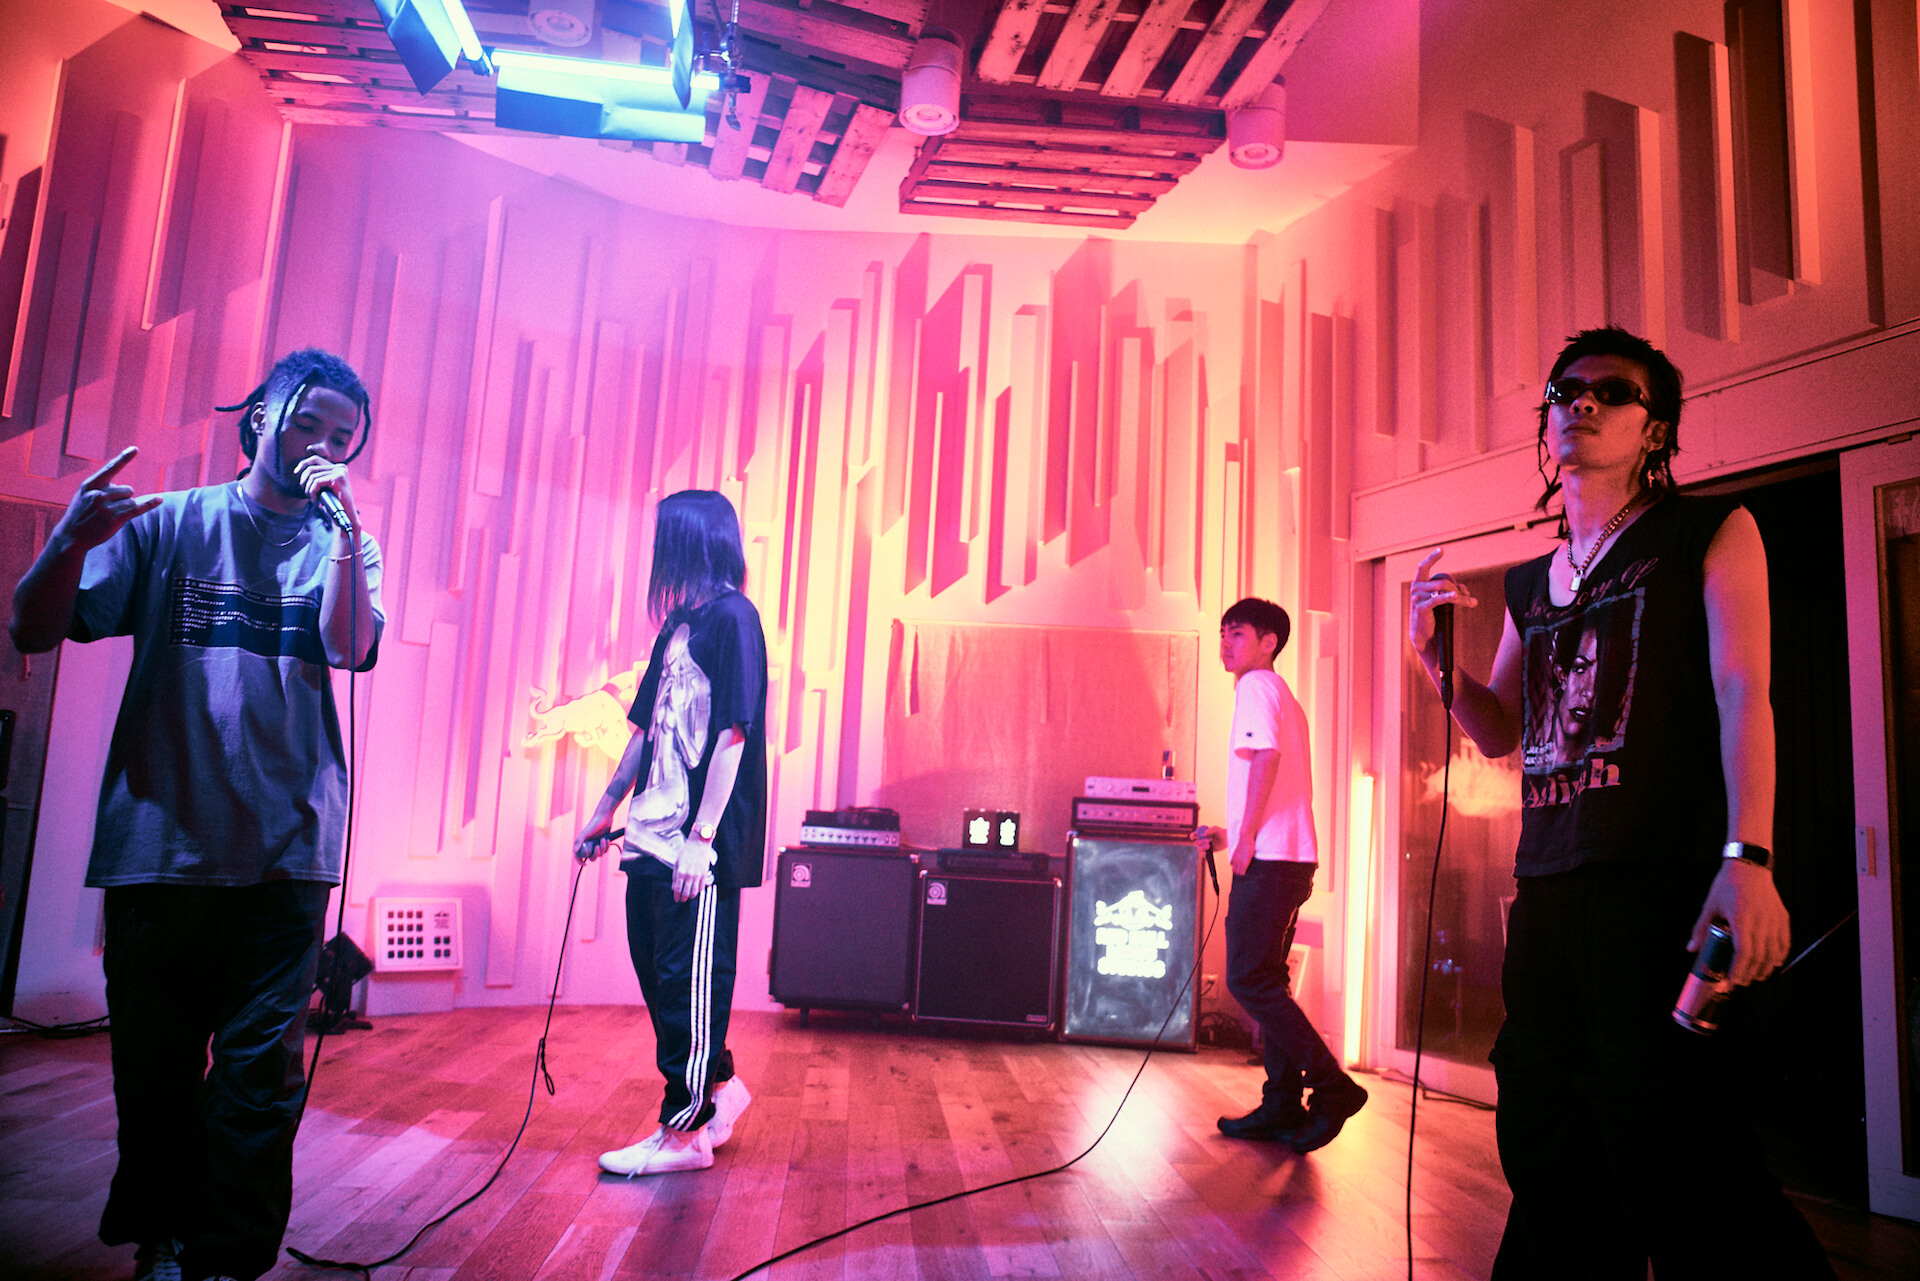 Daichi Yamamoto、釈迦坊主、dodo、Tohjiが登場|Red Bullによる新企画RASENの第2弾が公開 music190816-rasen-6